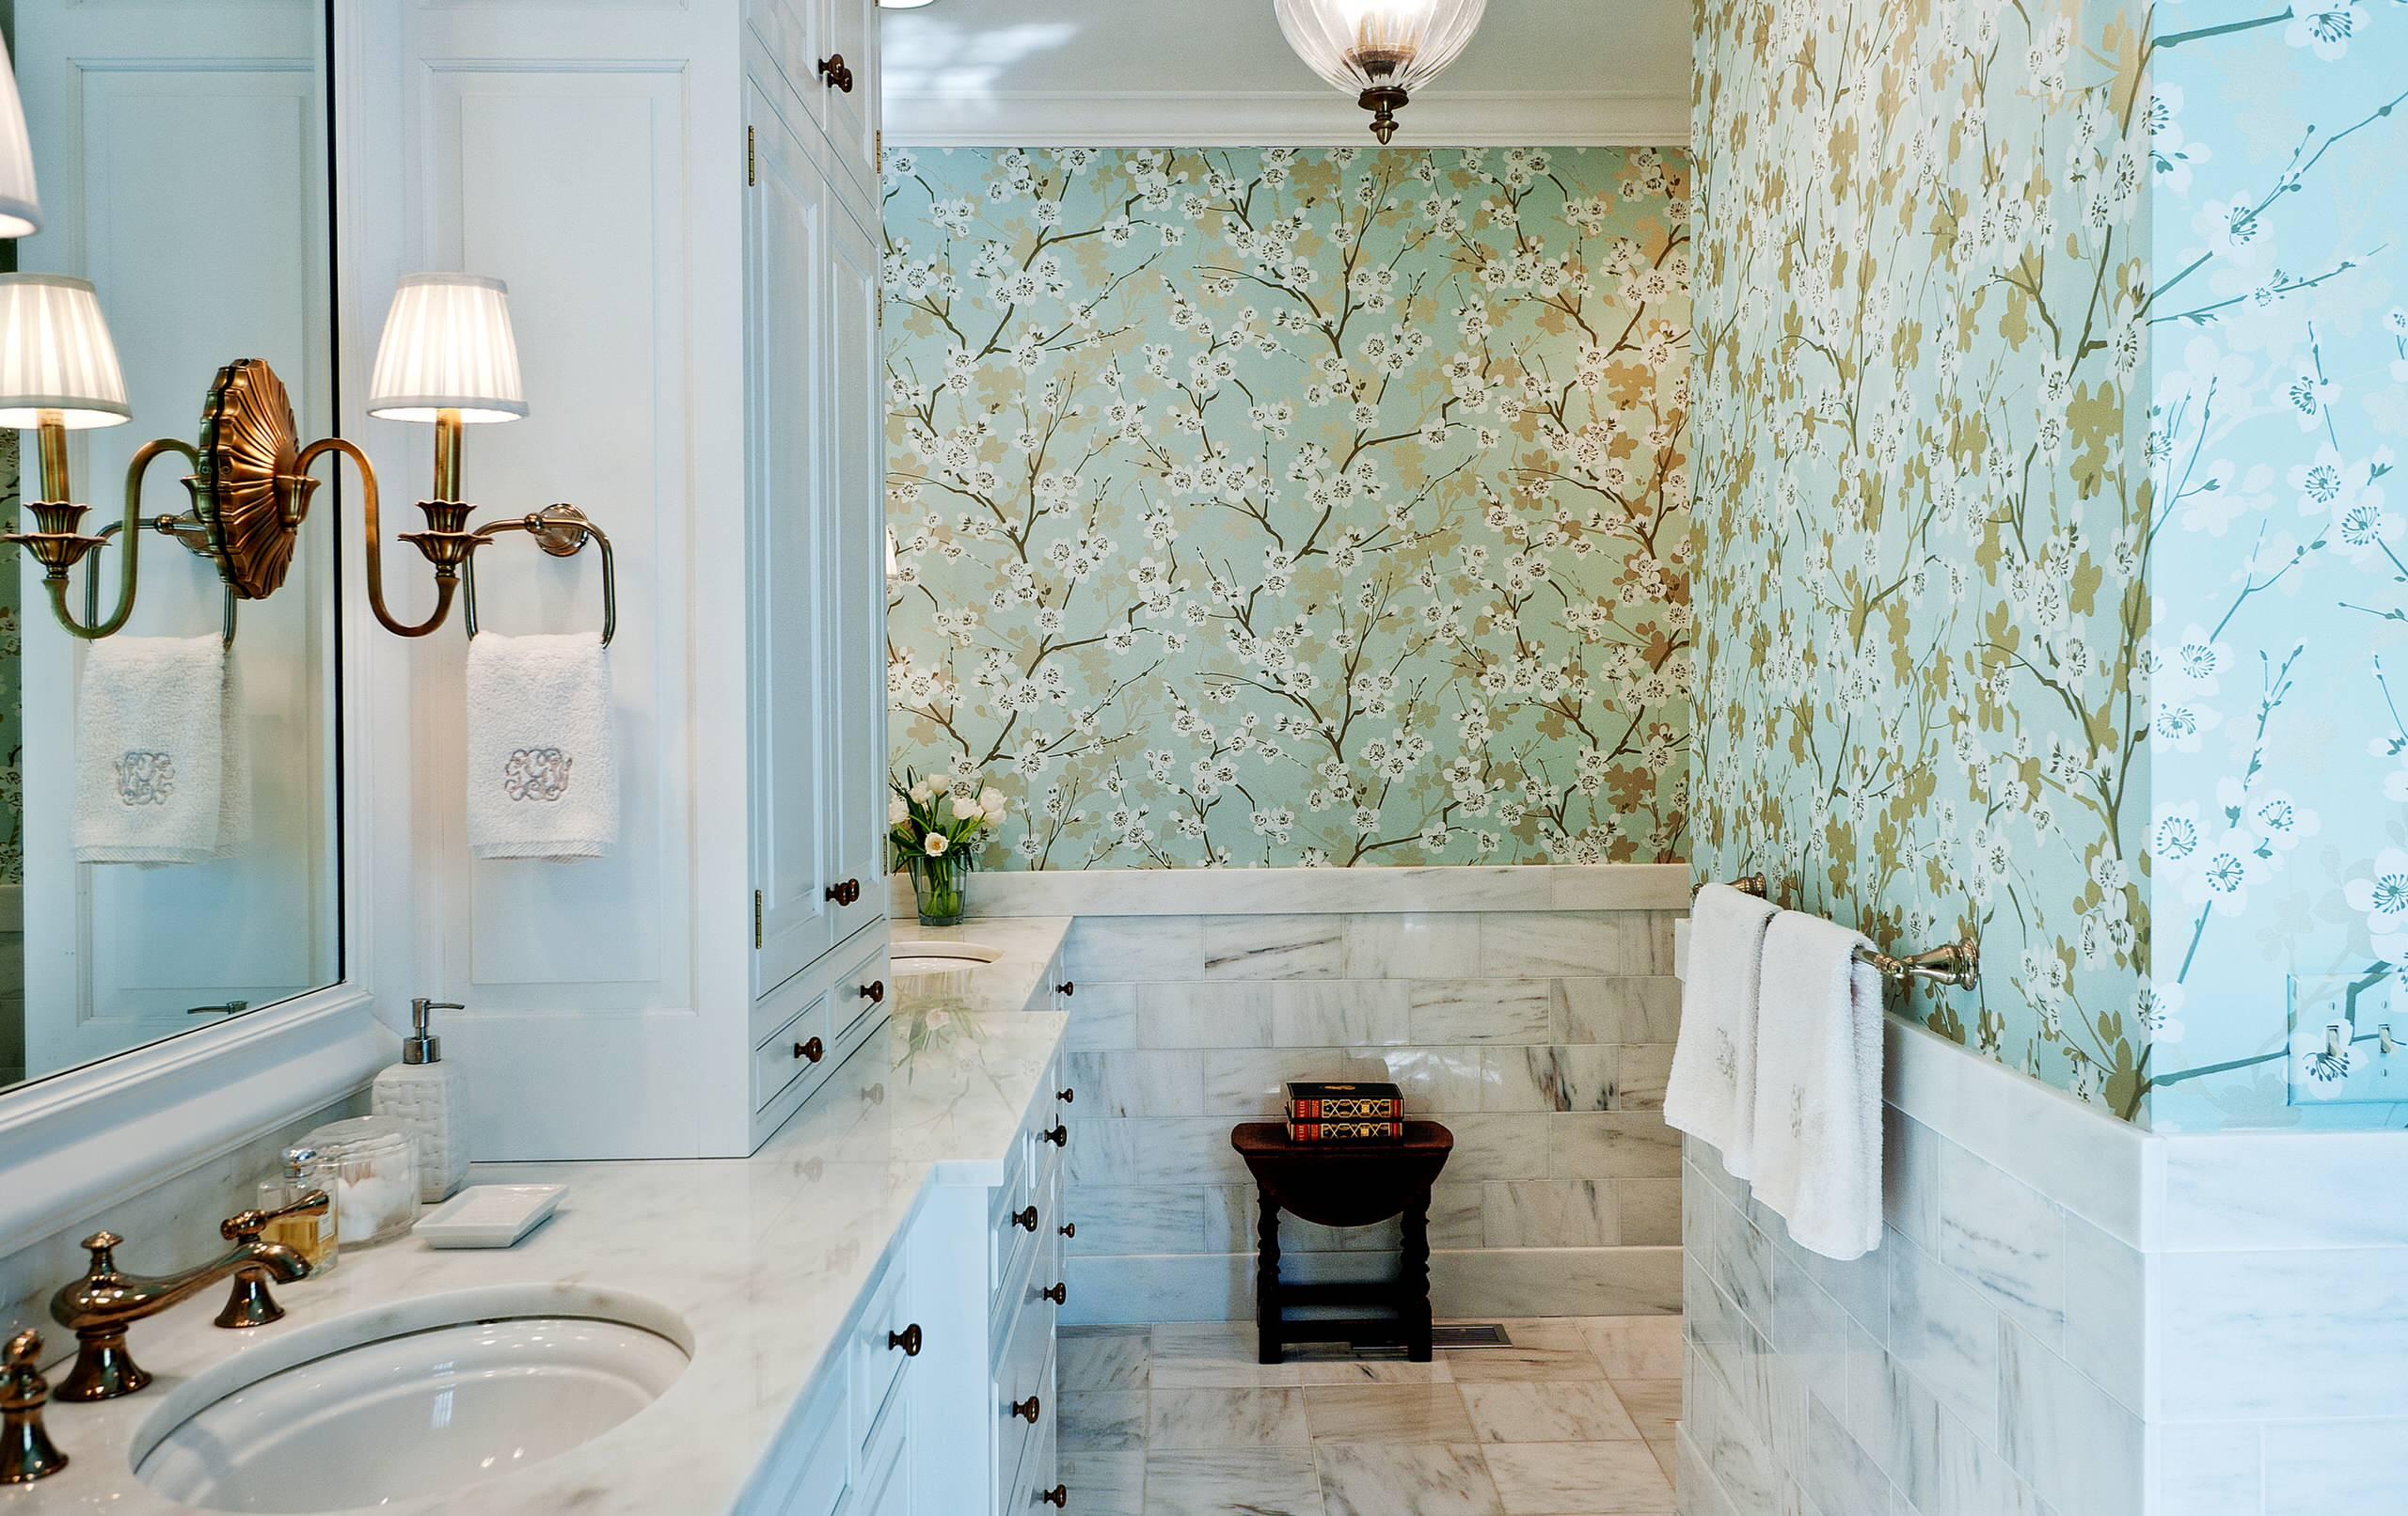 Wallpaper Over Bathroom Tiles. View In Gallery